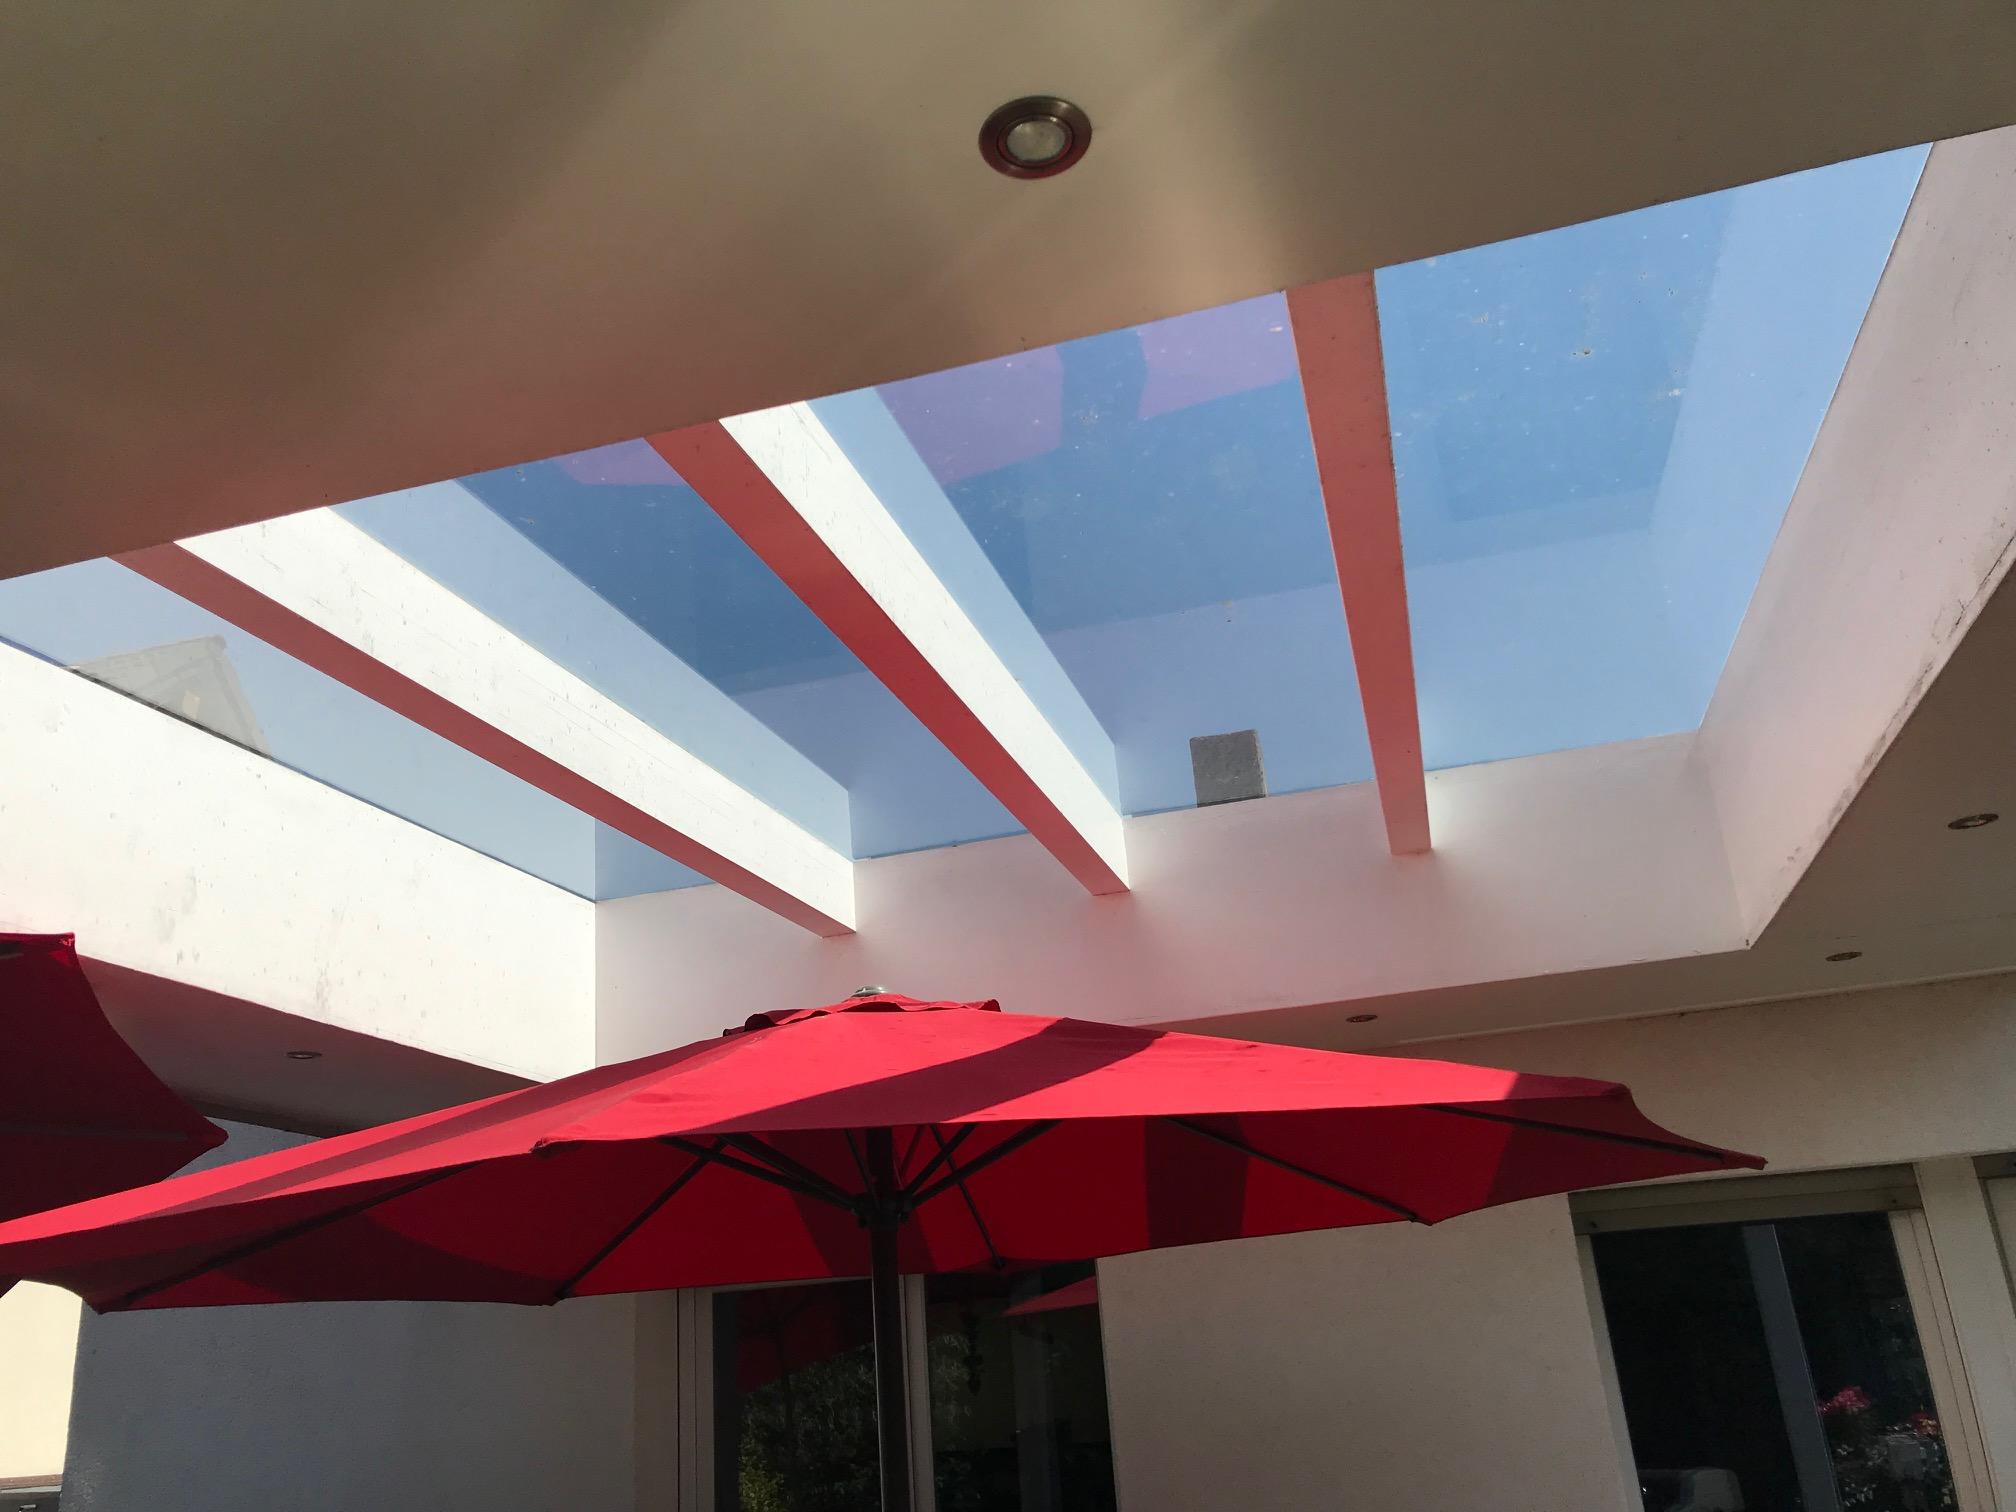 Gut überlegt! Das Dach mit Glasscheiben oder Plexiglas auslegen